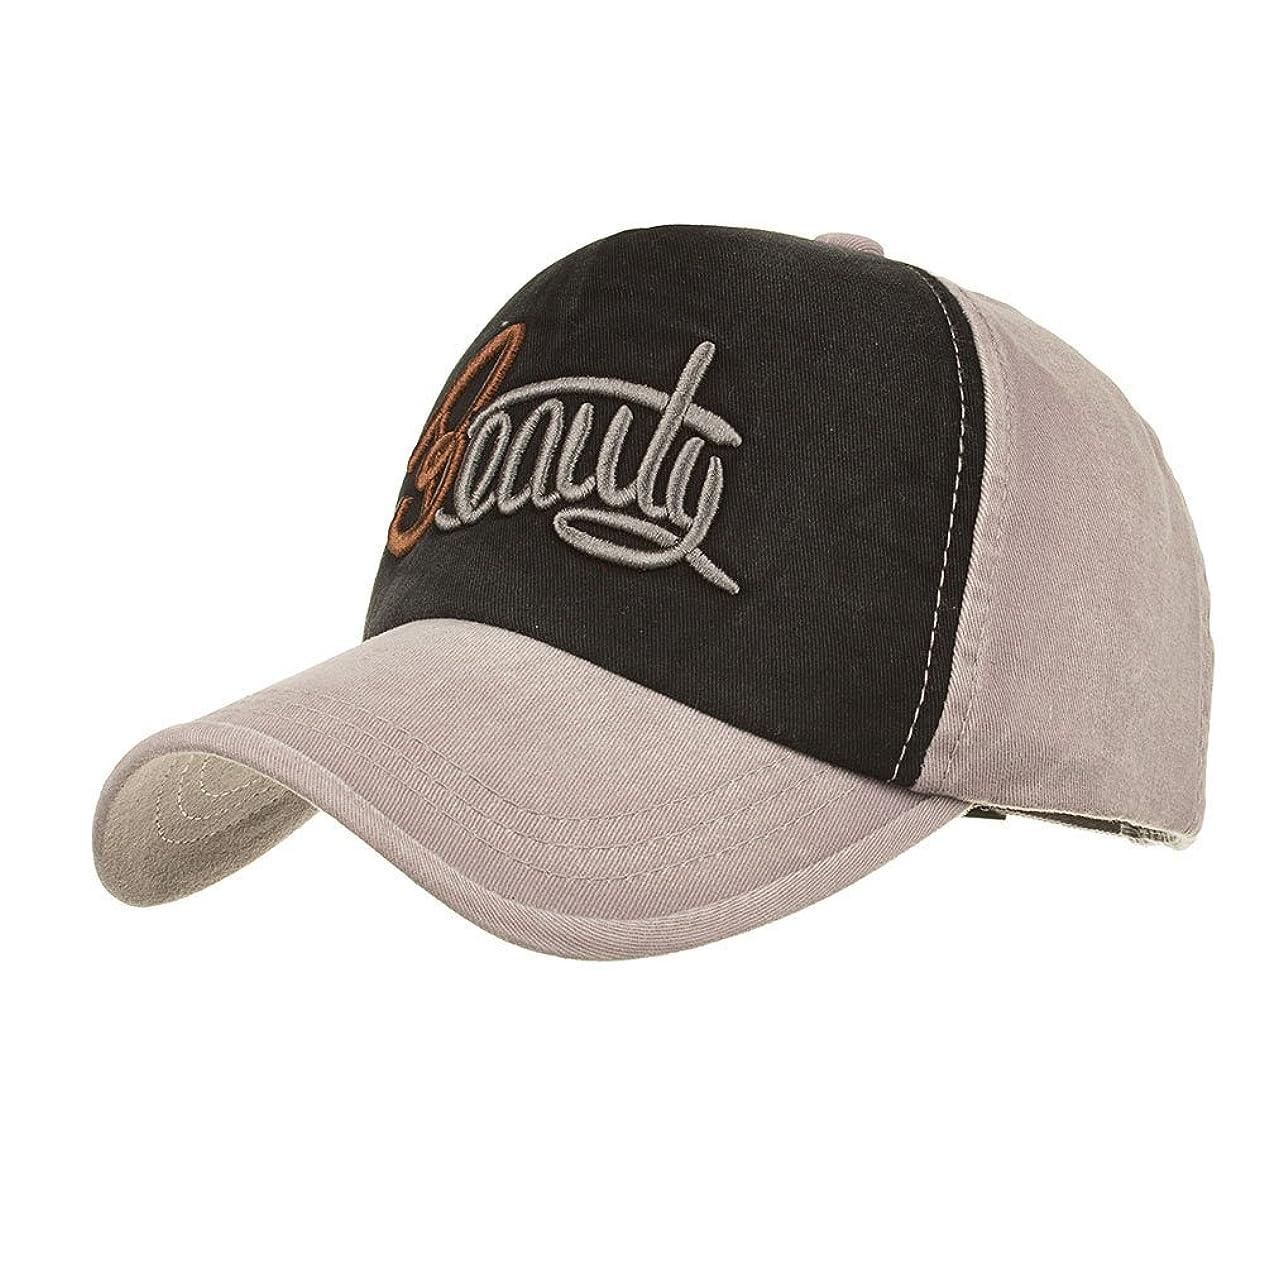 物語真夜中句読点Racazing Cap パッチワーク刺繍 ヒップホップ 野球帽 通気性のある 帽子 夏 登山 可調整可能 棒球帽 UV 帽子 軽量 屋外 Unisex Hat (グレー)